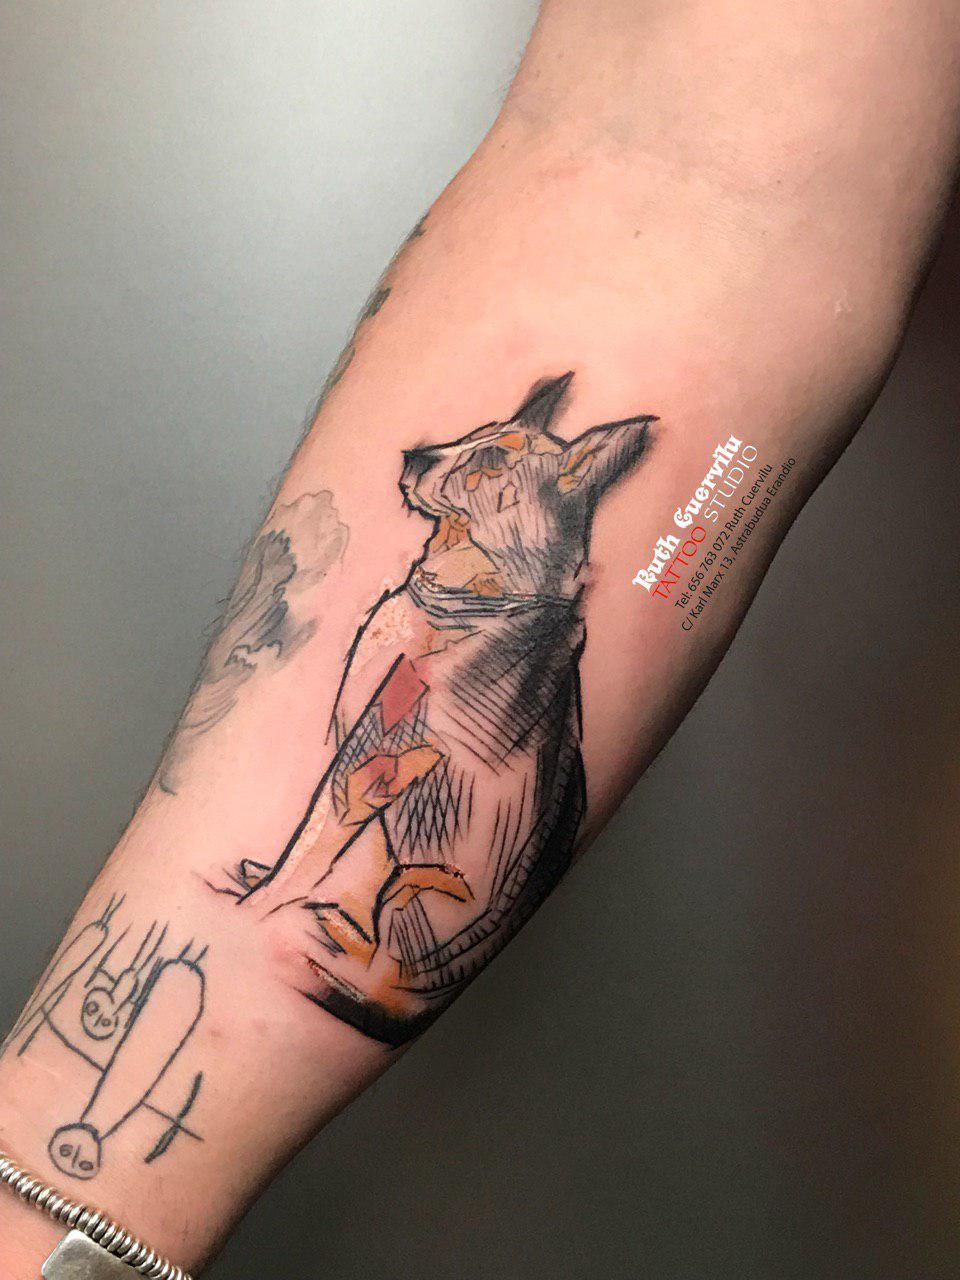 Tatuaje Perro - diseño propio - Ruth Cuervilu Tattoo - KM13 Studio